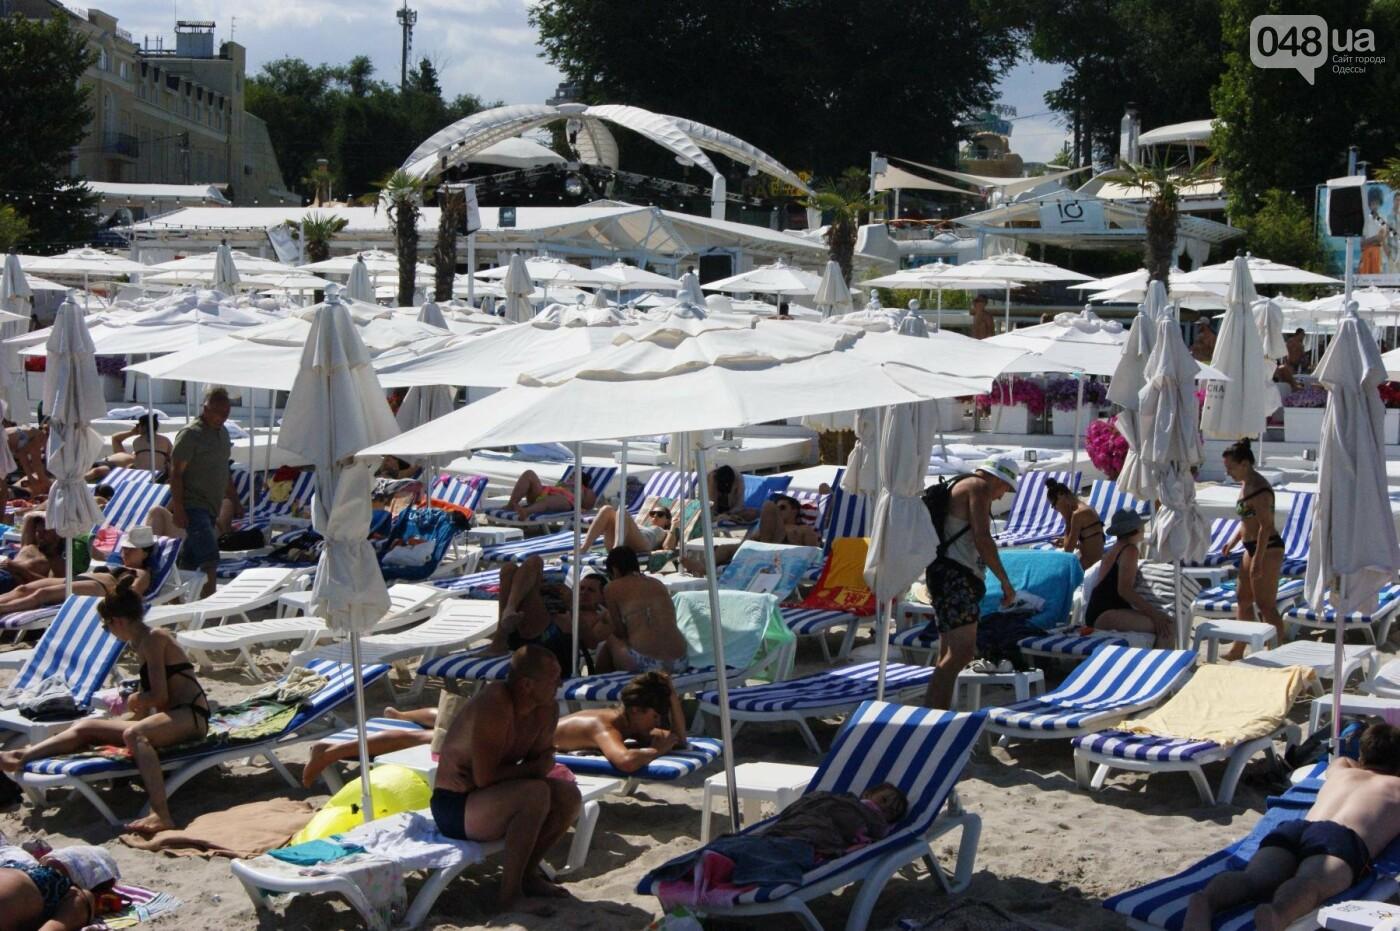 Неприличная Аркадия: что и почем на самом пафосном курорте Одессы, - ФОТОРЕПОРТАЖ, фото-3